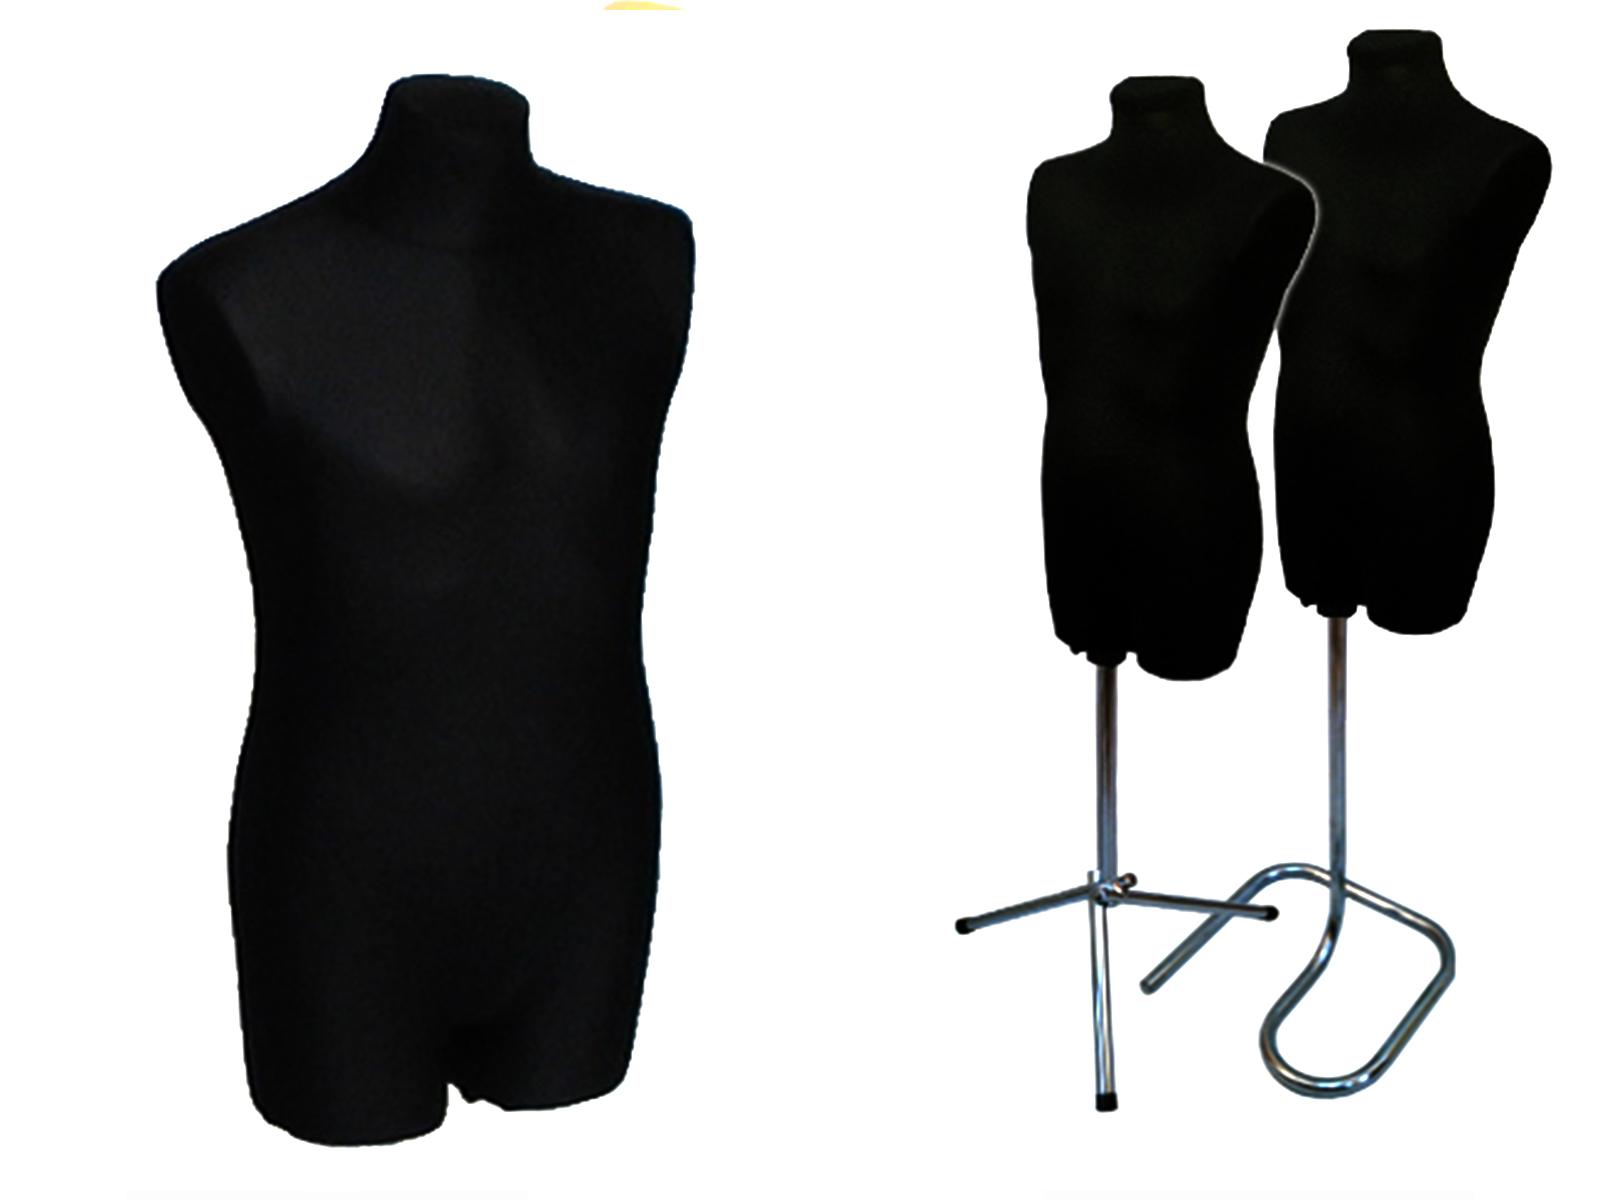 Манекен ПОРТНЫХ ИГОРЯ одежда выставка купить из Европы доставка в Украину.